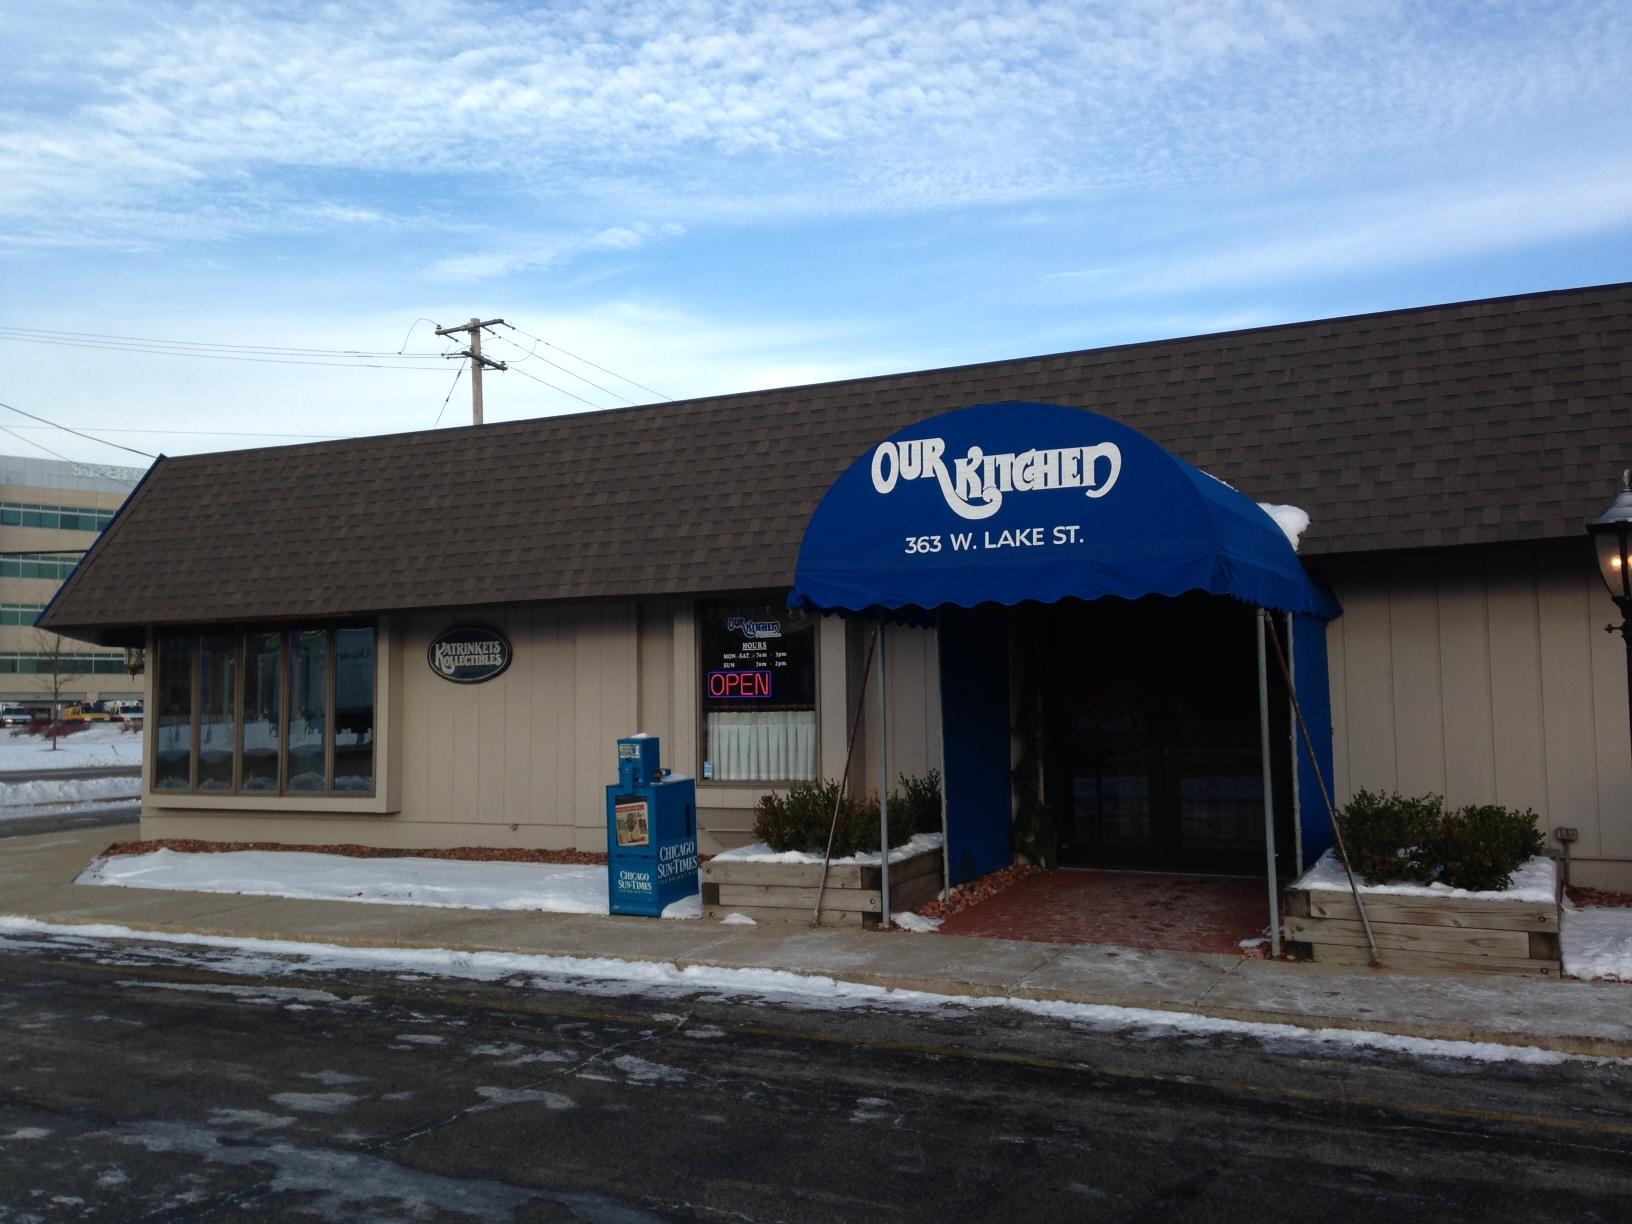 Breakfast Restaurants In Elmhurst Illinois